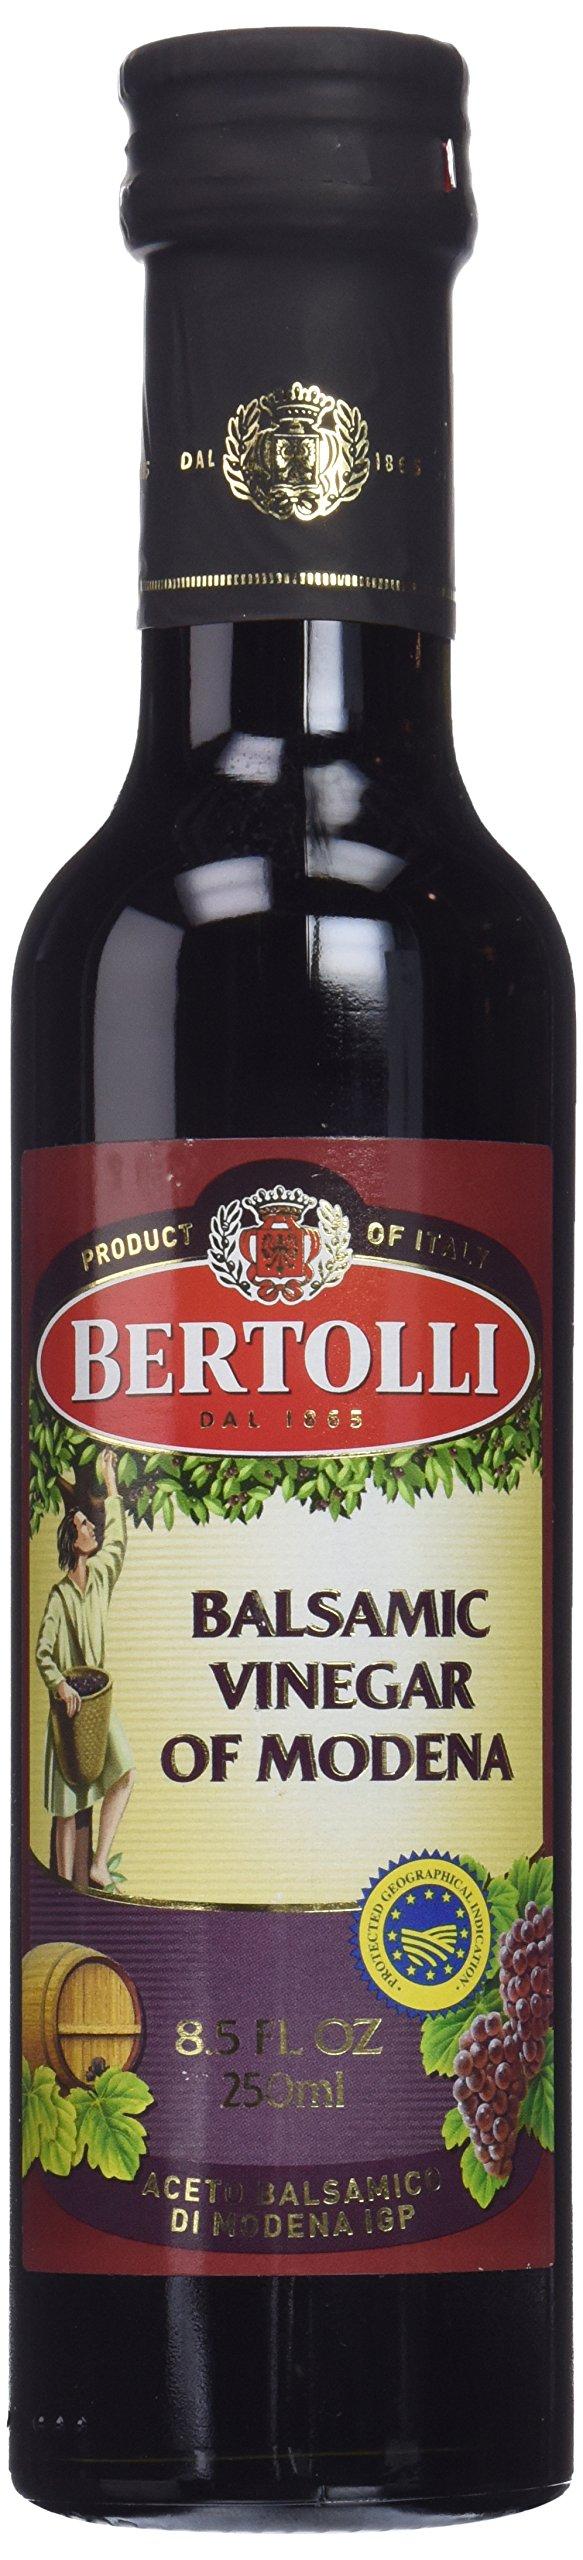 Bertolli Balsamic Vinegar of Modena 8.5 Oz (Pack of 2)